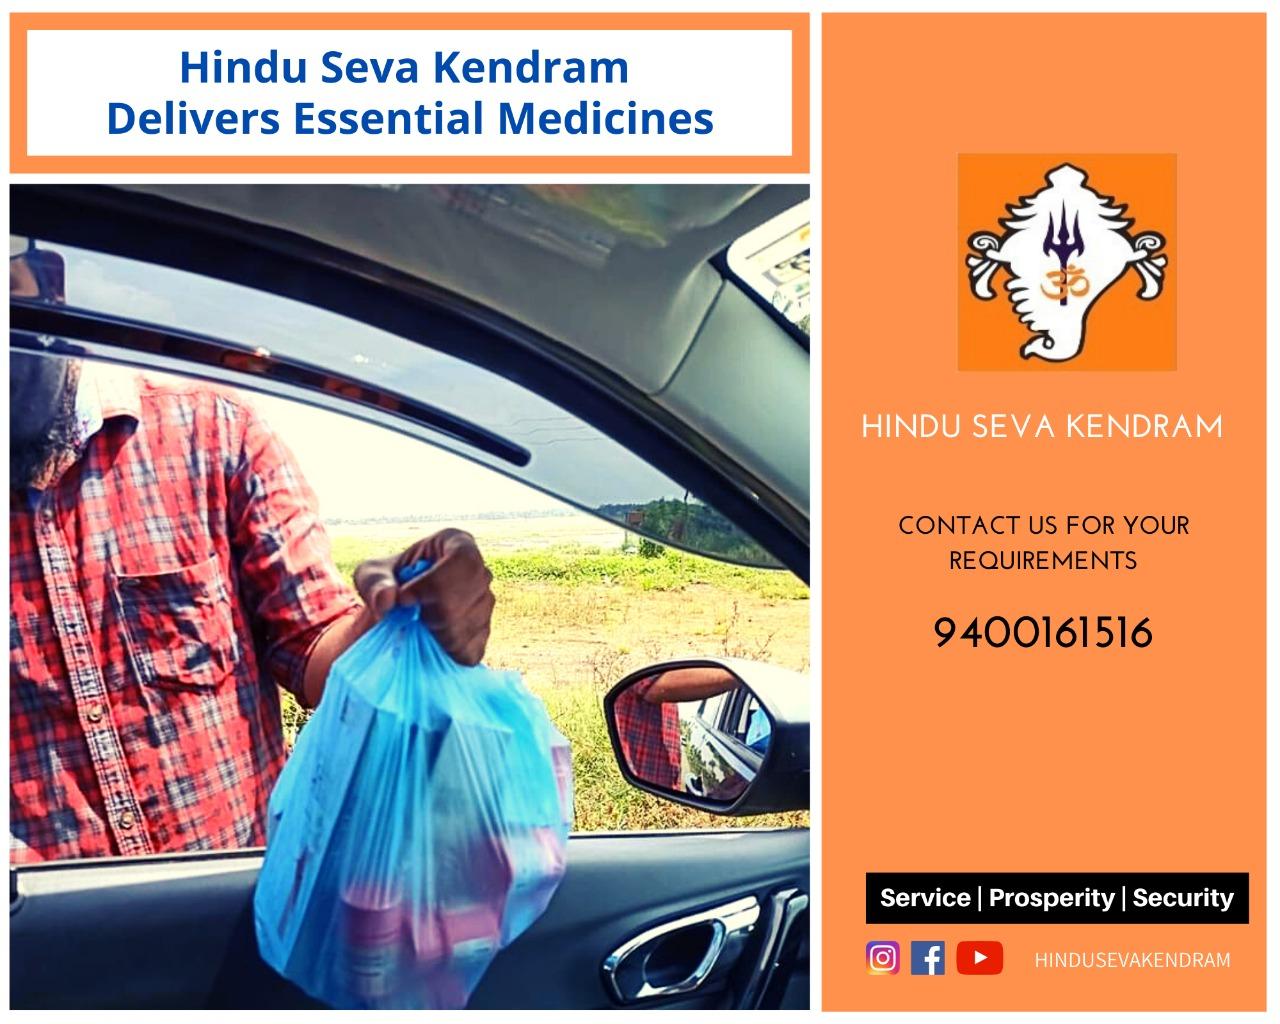 Hindu Seva Kendram Delivers Eseential Medicines